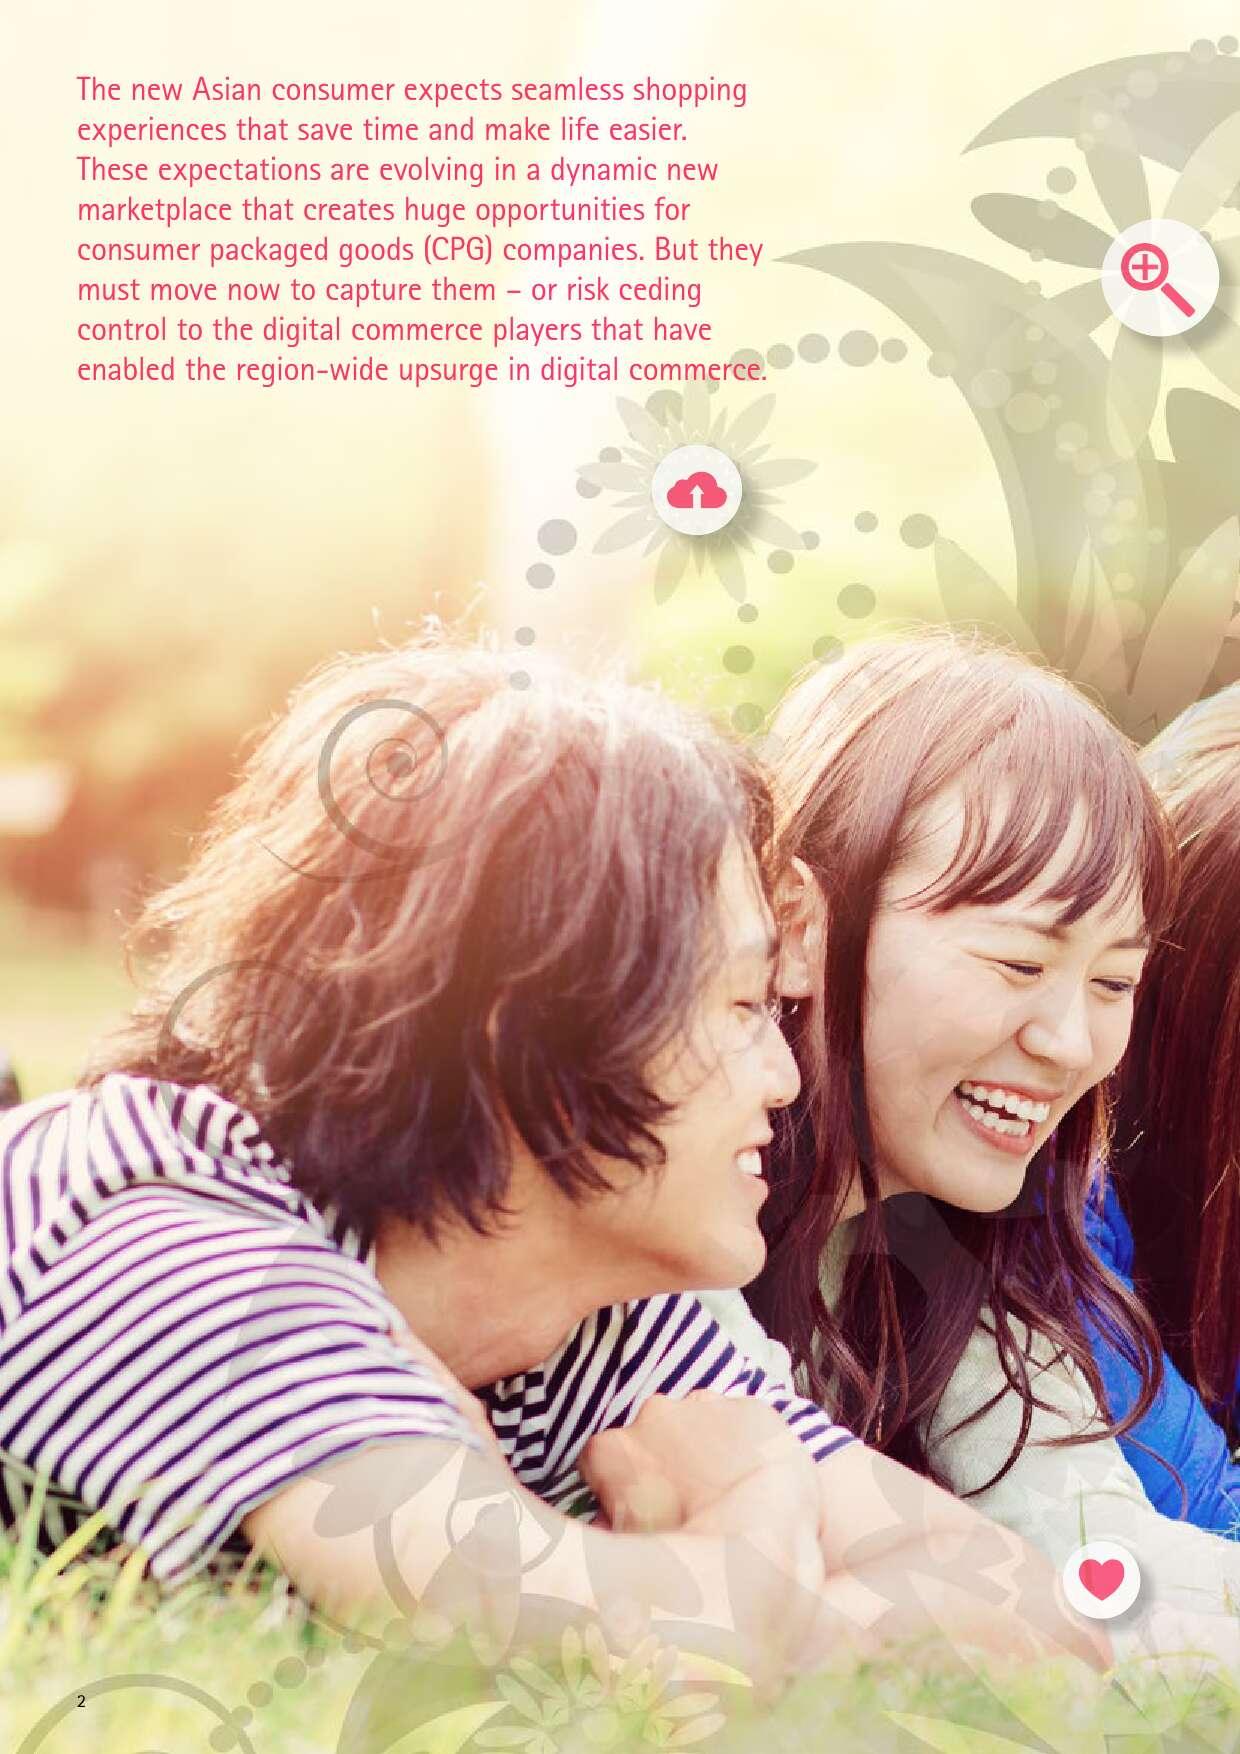 赢得全新的亚洲消费者_000002